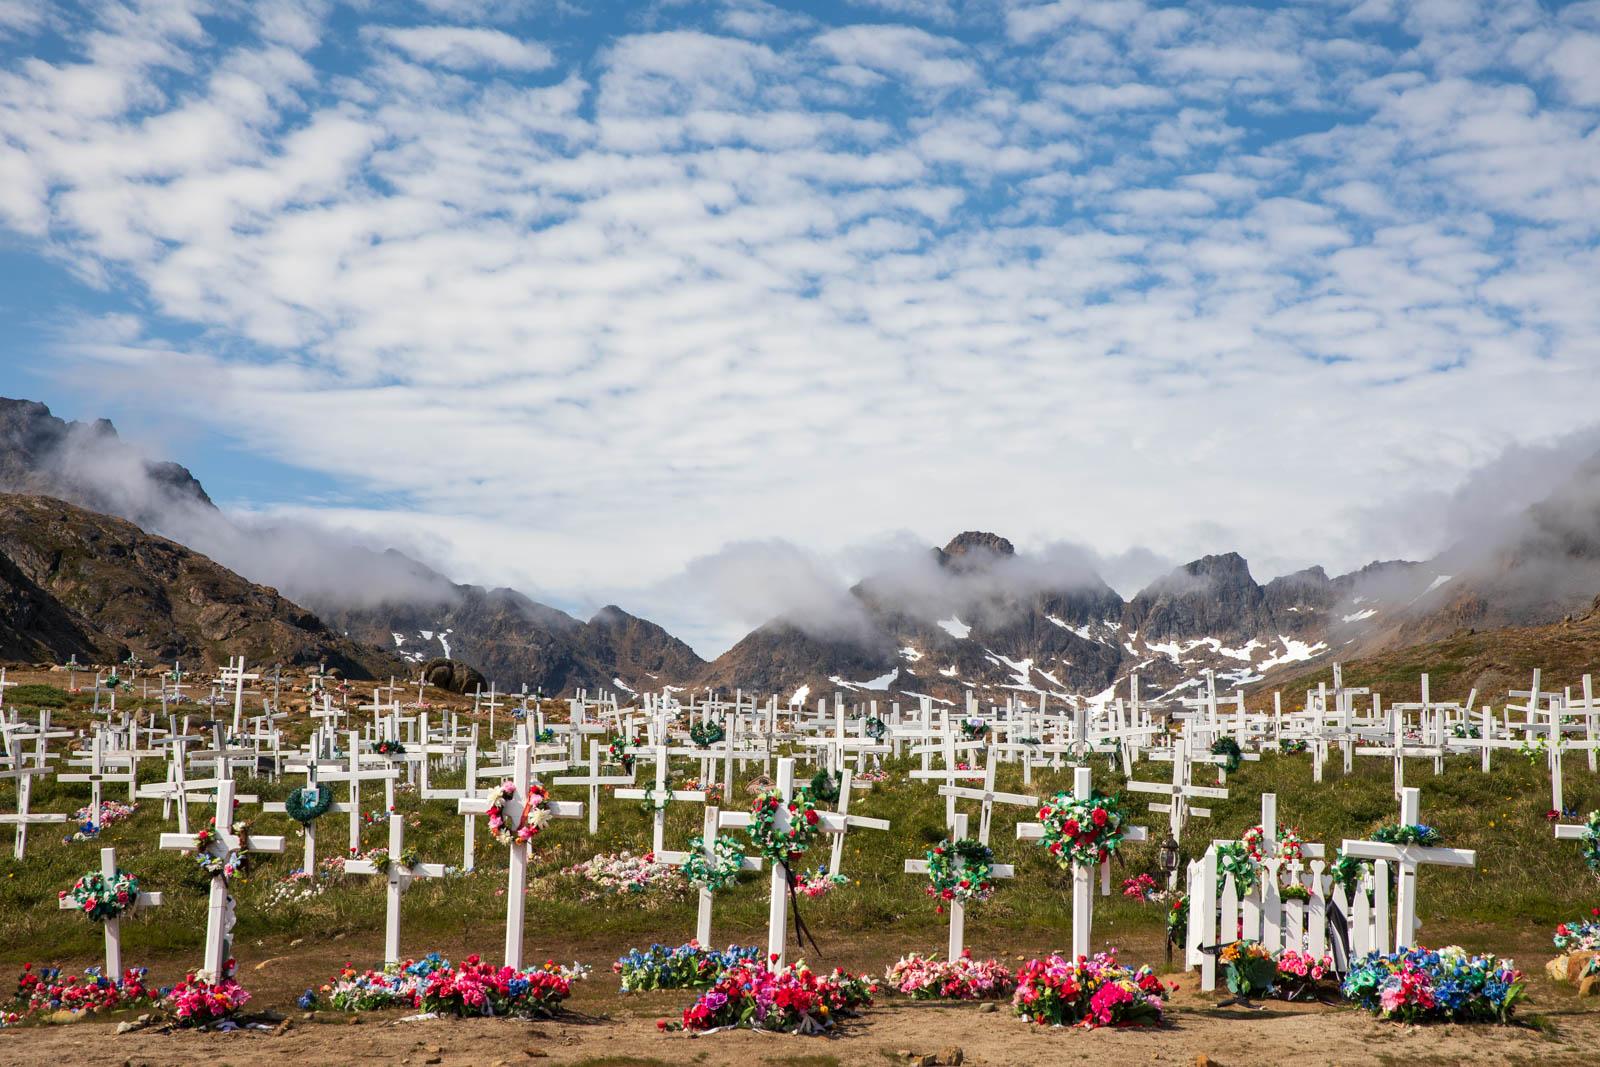 Photo: Der Friedhof in Tasiilaq vor imposanter Kulisse